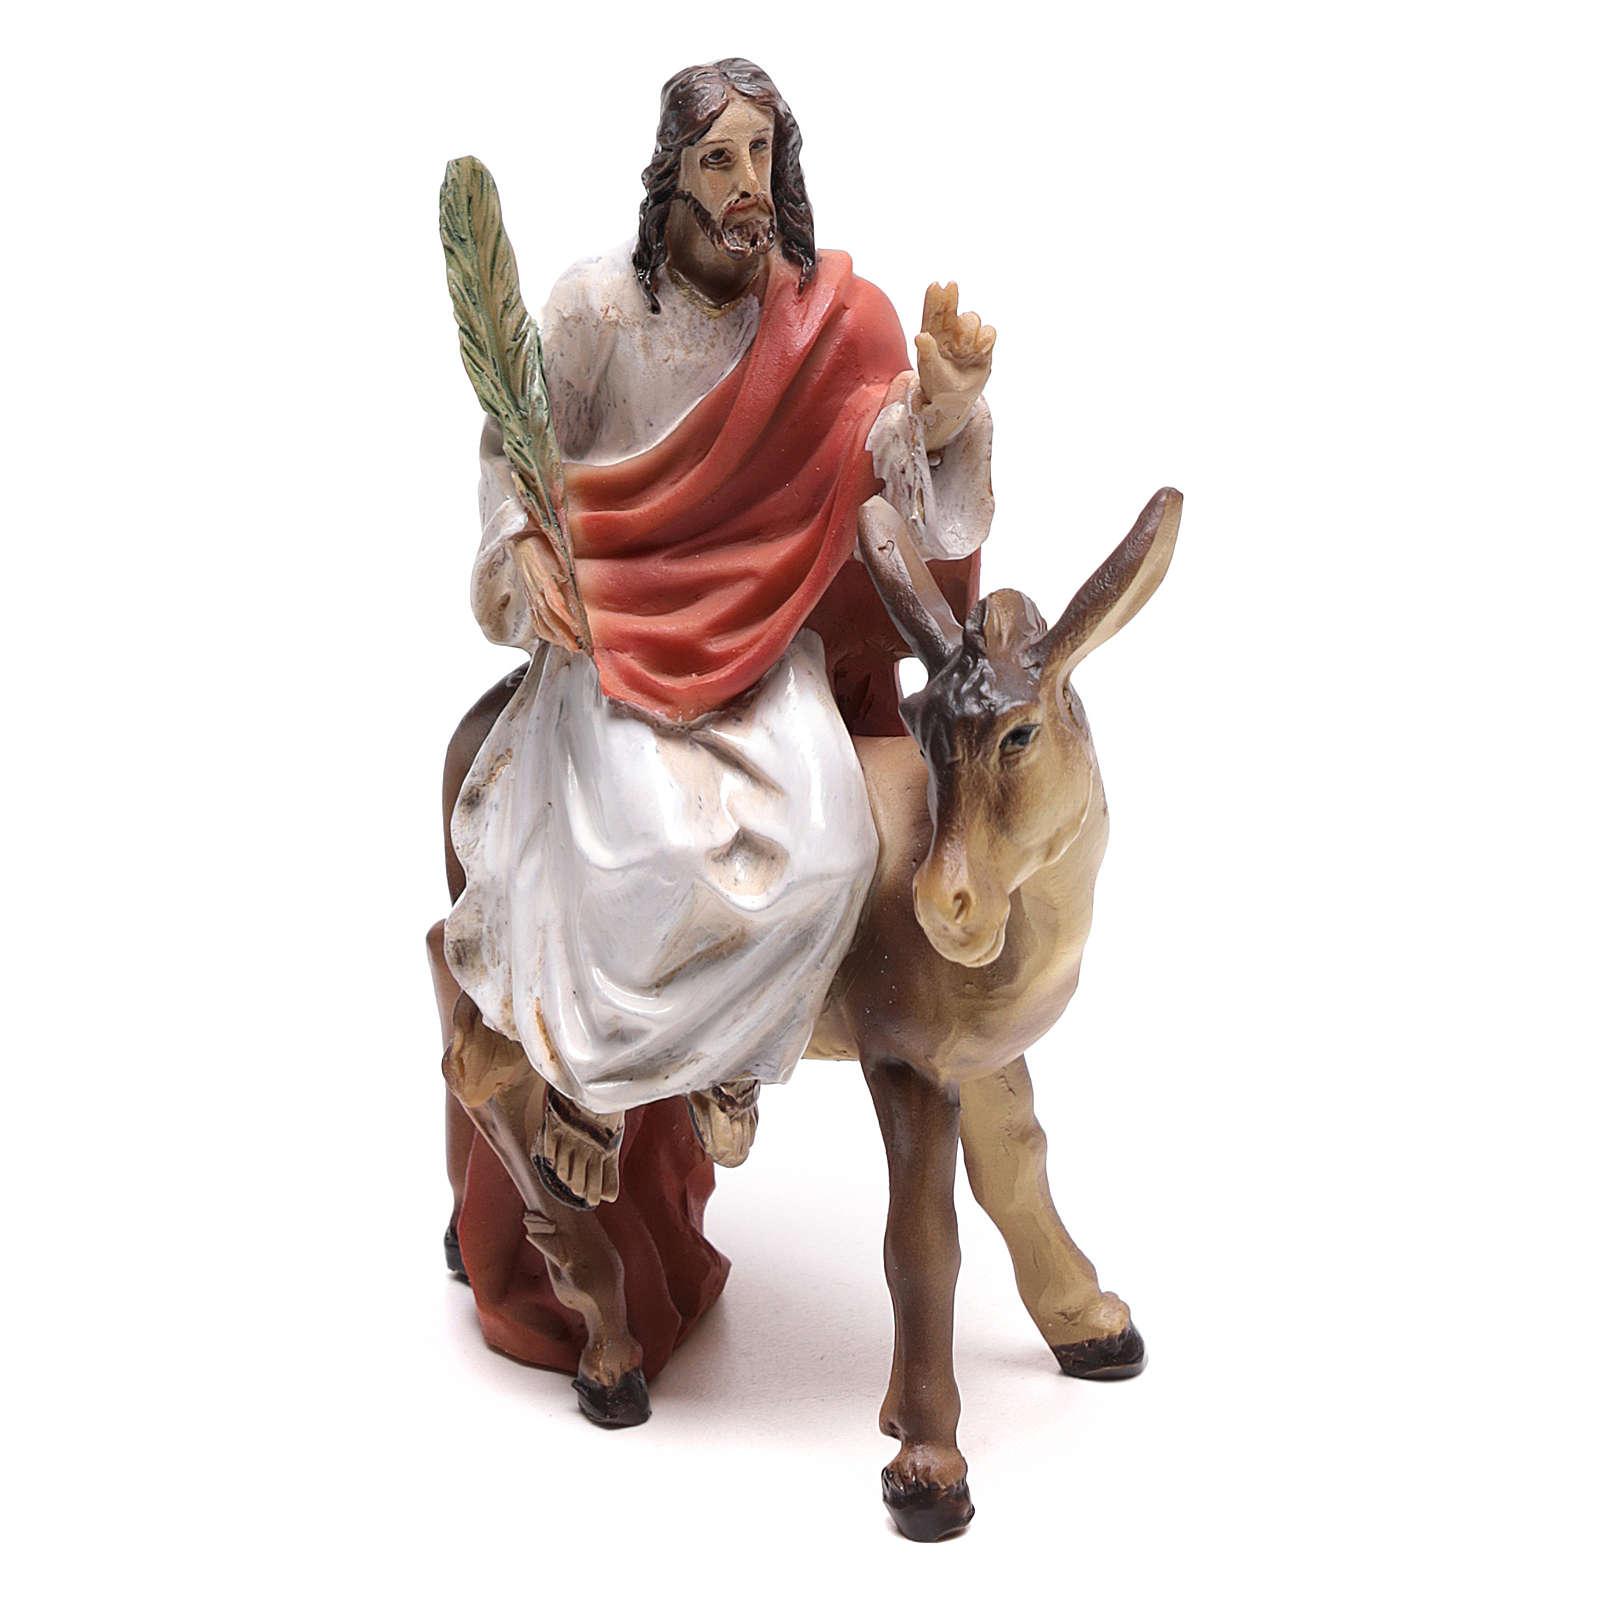 Scena dell'ingresso a Gerusalemme di Gesù 9 cm 4